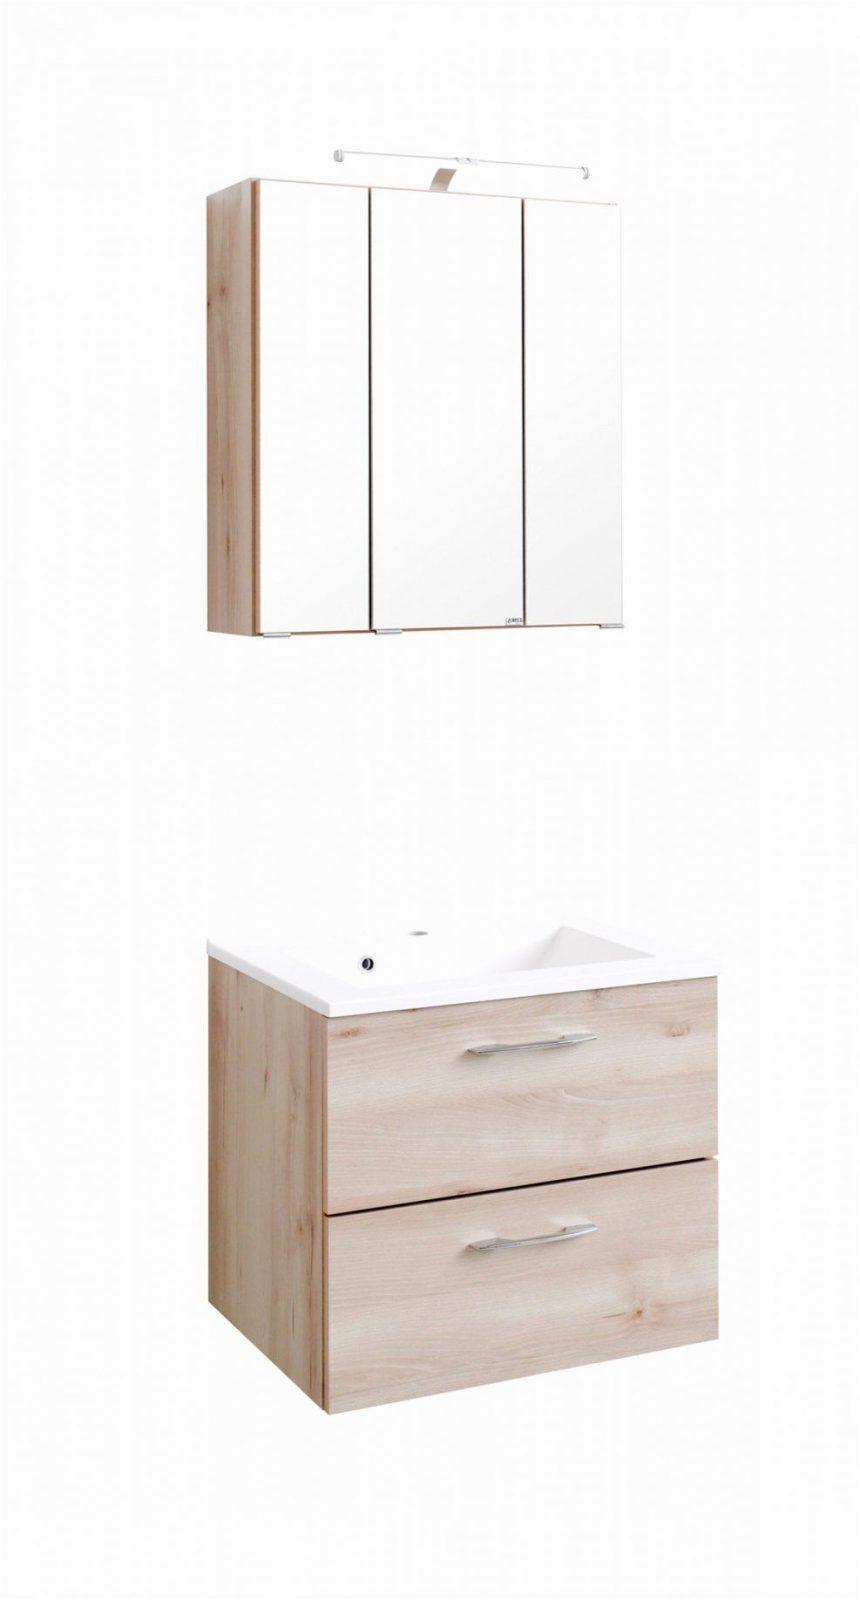 Luxus Möbel Schwäbisch Hall Inspirierend  Home Ideen  Home Ideen von Möbel Gunst Schwäbisch Hall Photo